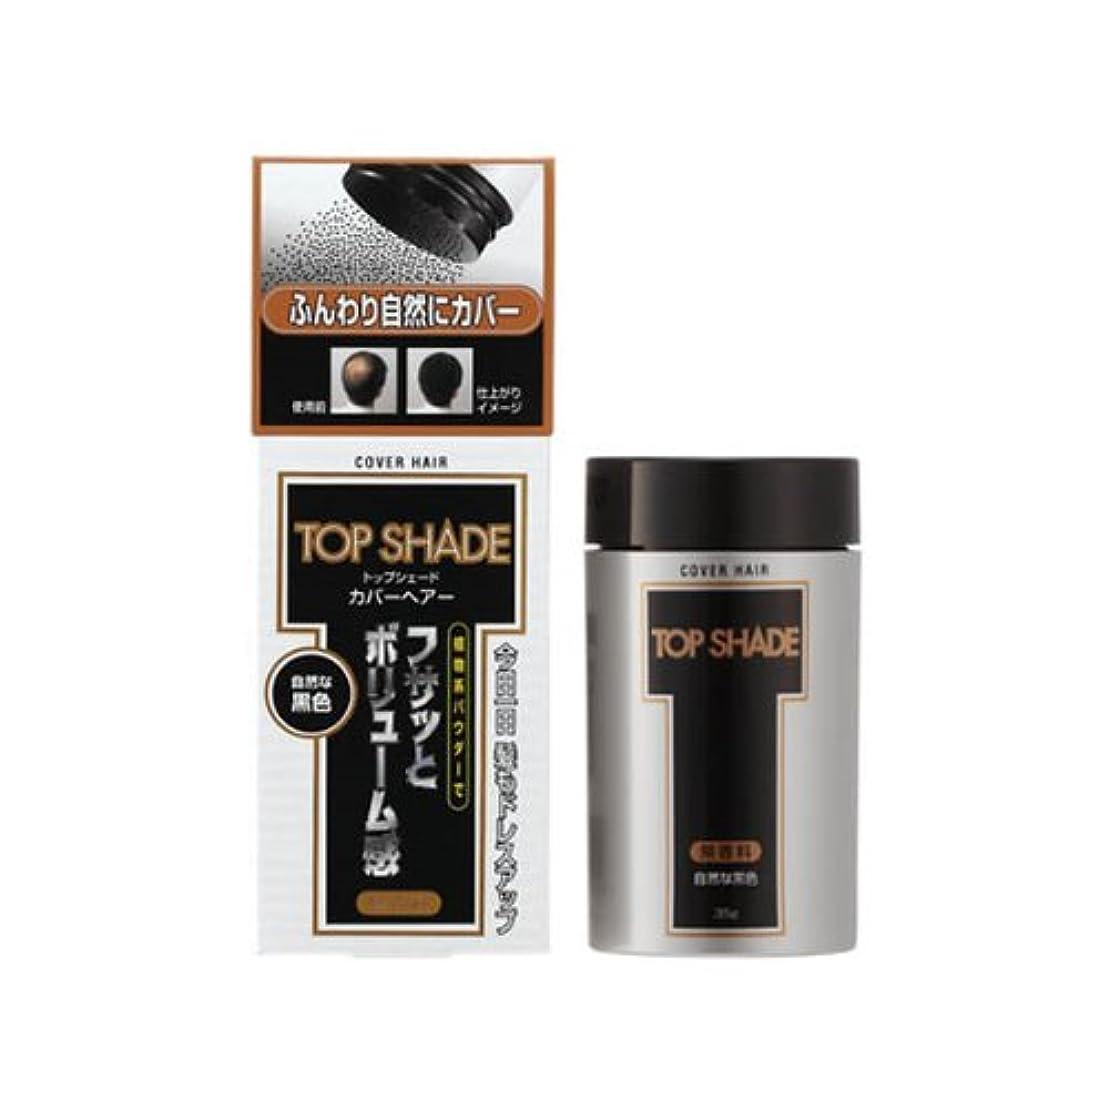 ズボン精査黒板柳屋 トップシェード カバーヘアー 黒 35g